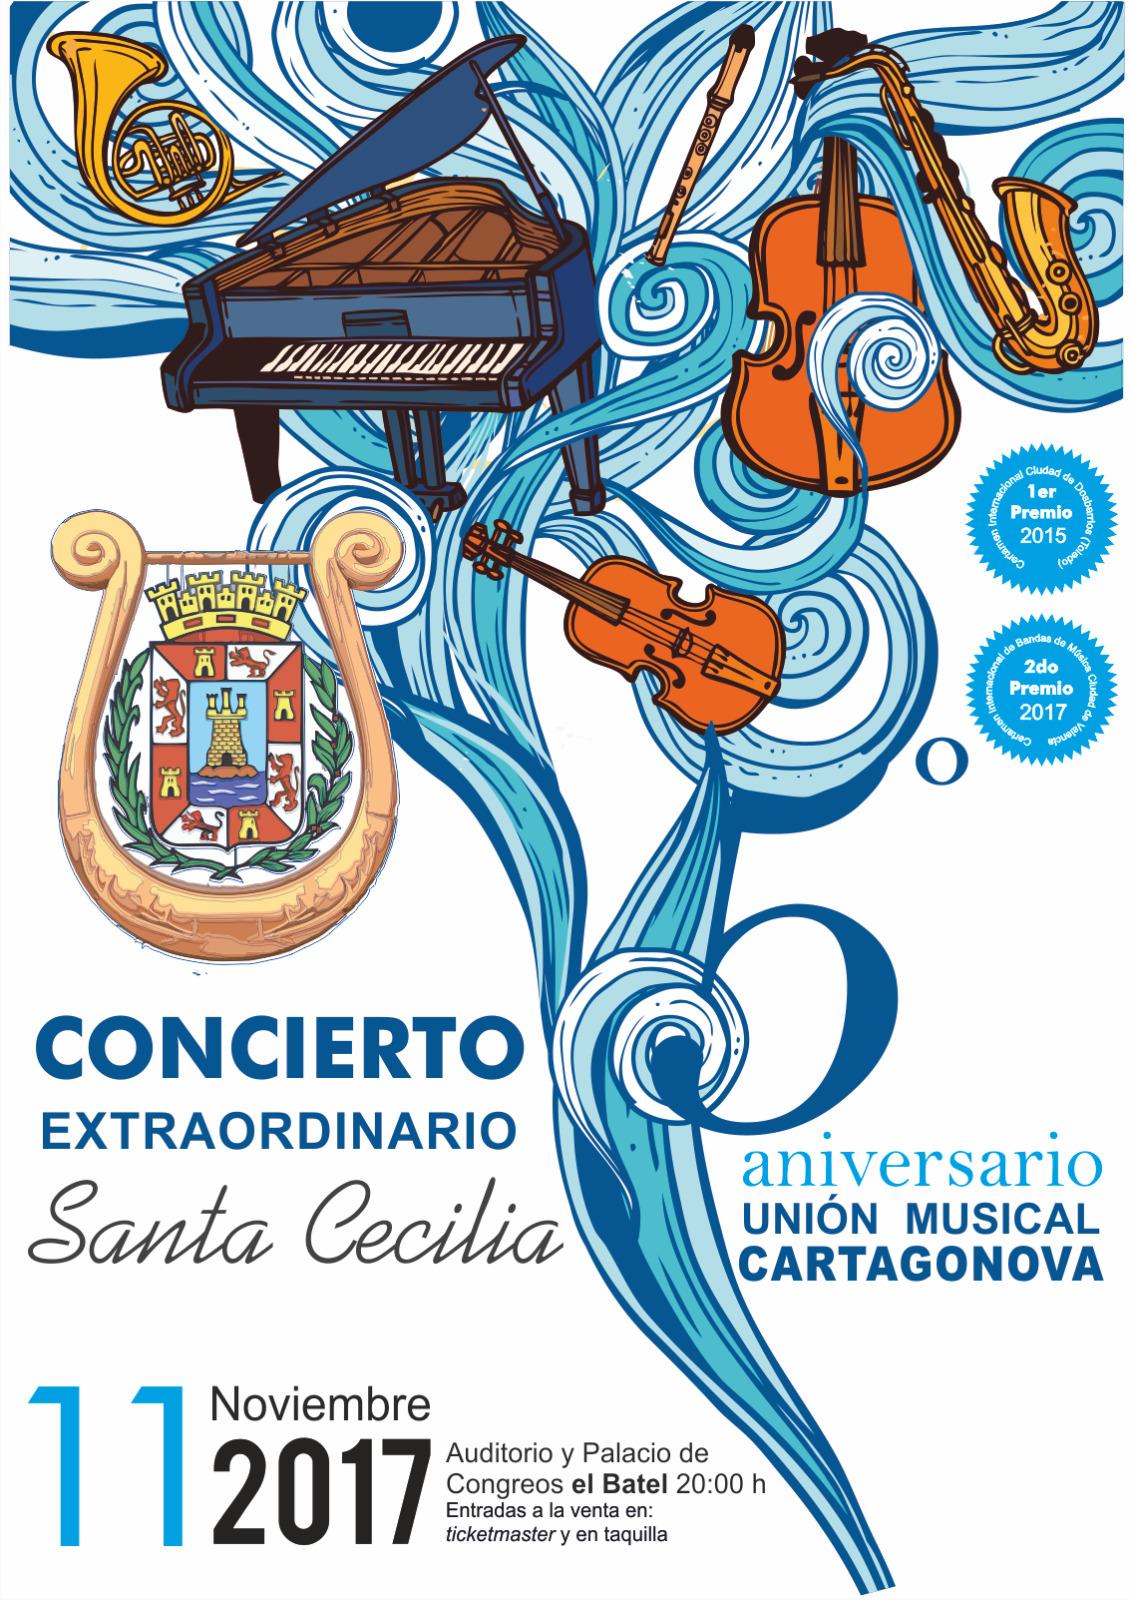 Santa Cecilia 2017 2